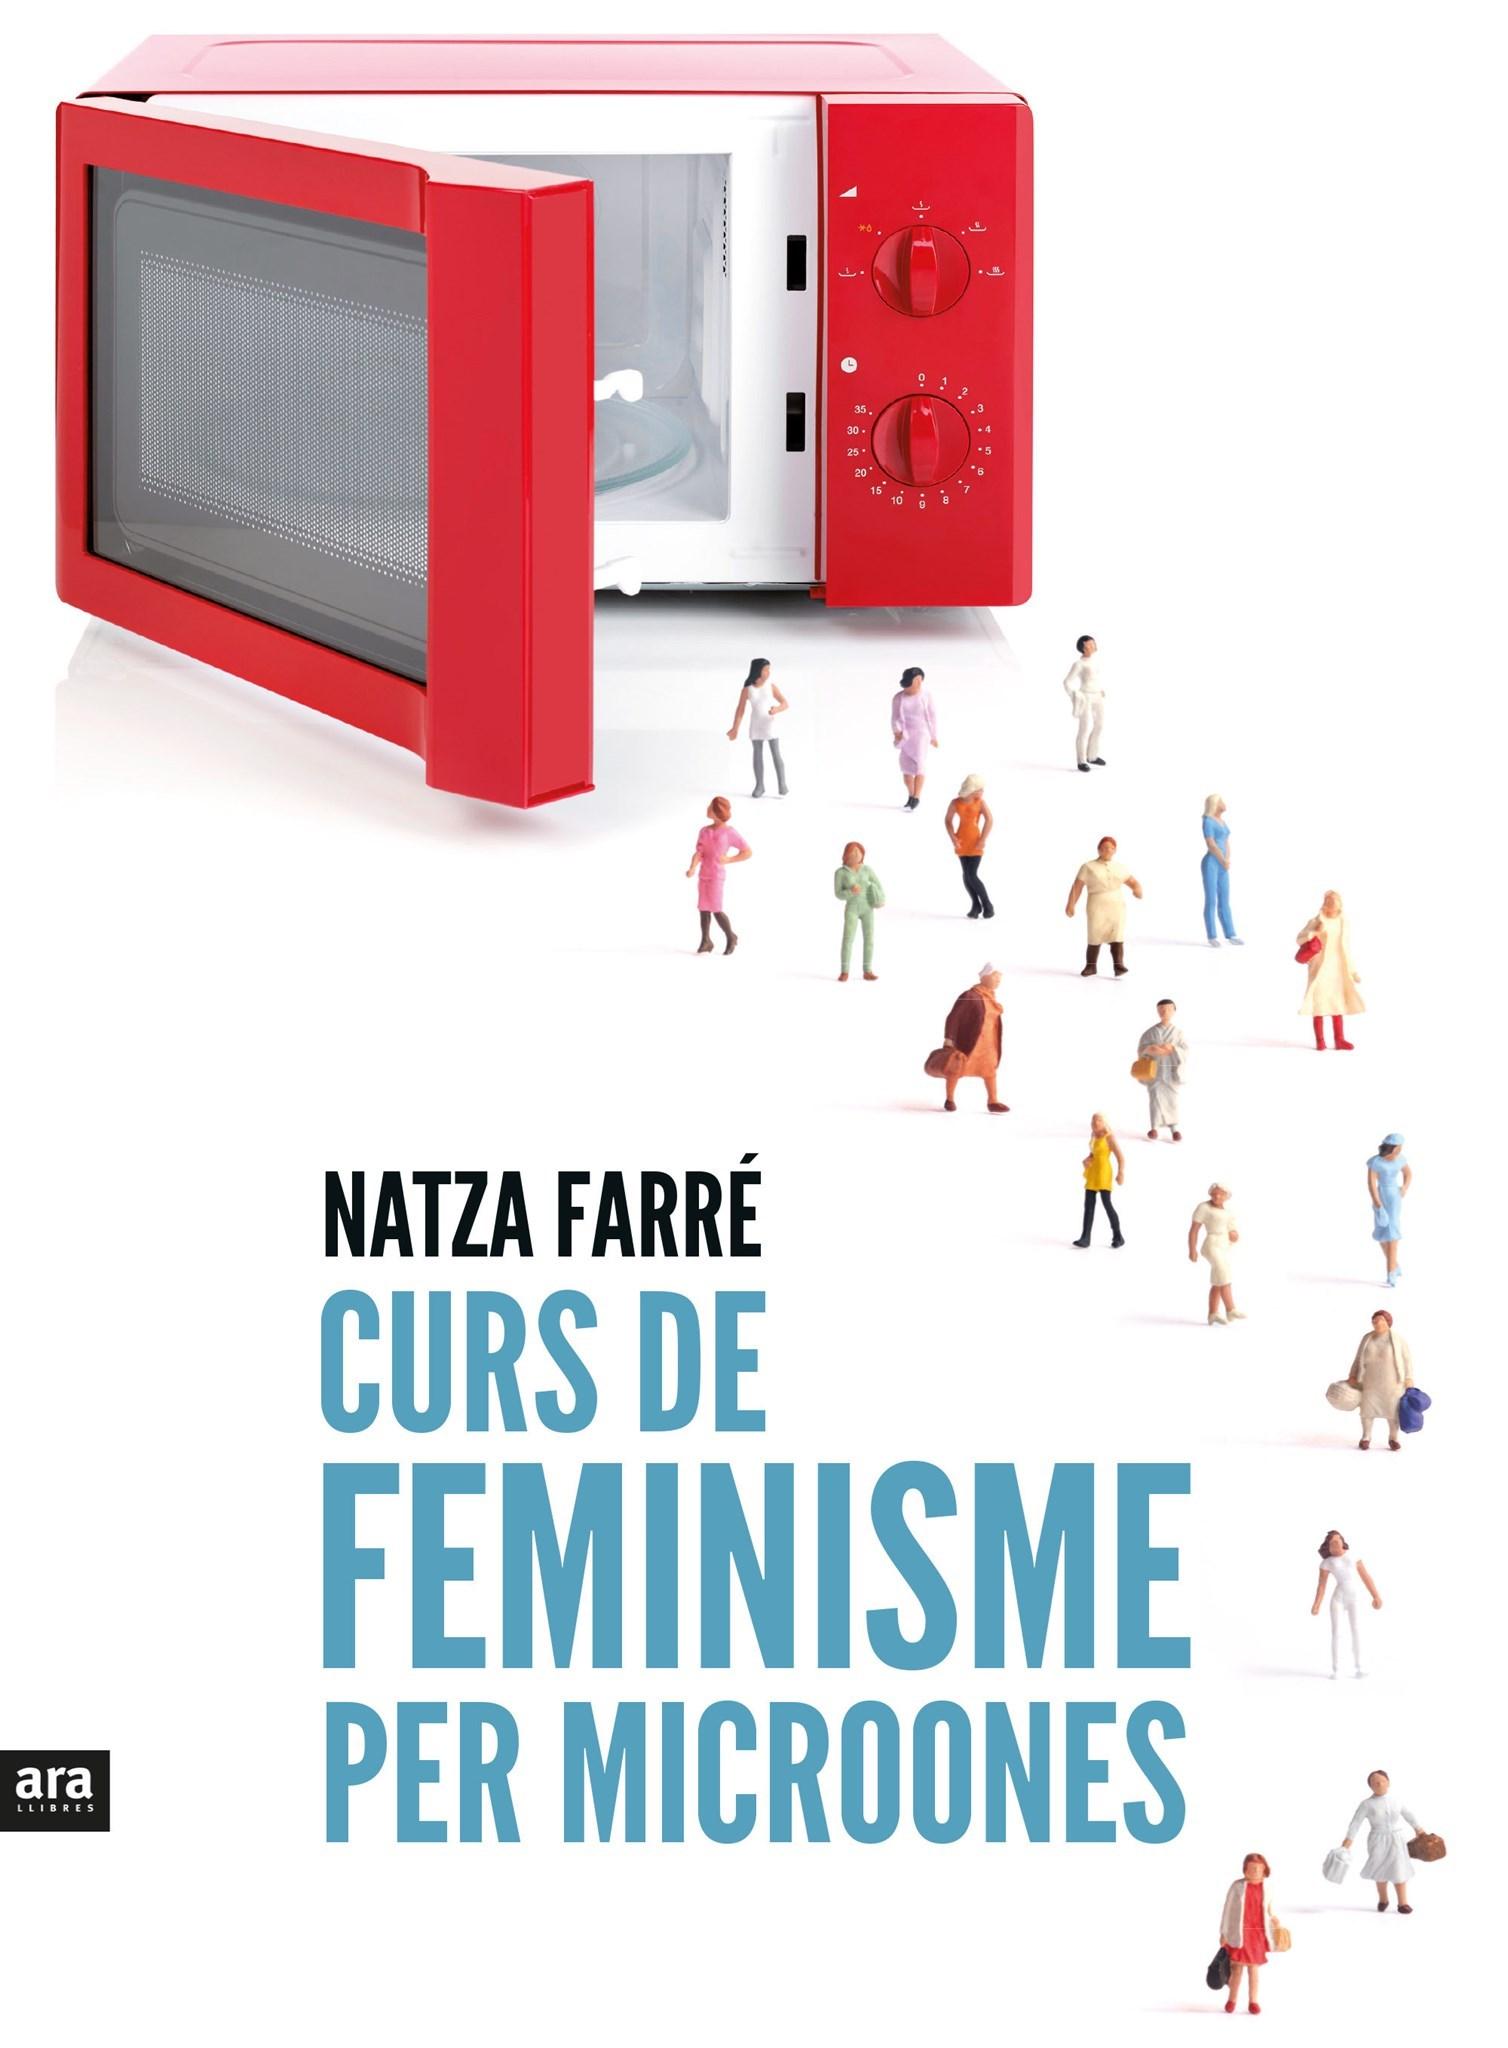 'Curs de feminisme per microones', de Natza Farré